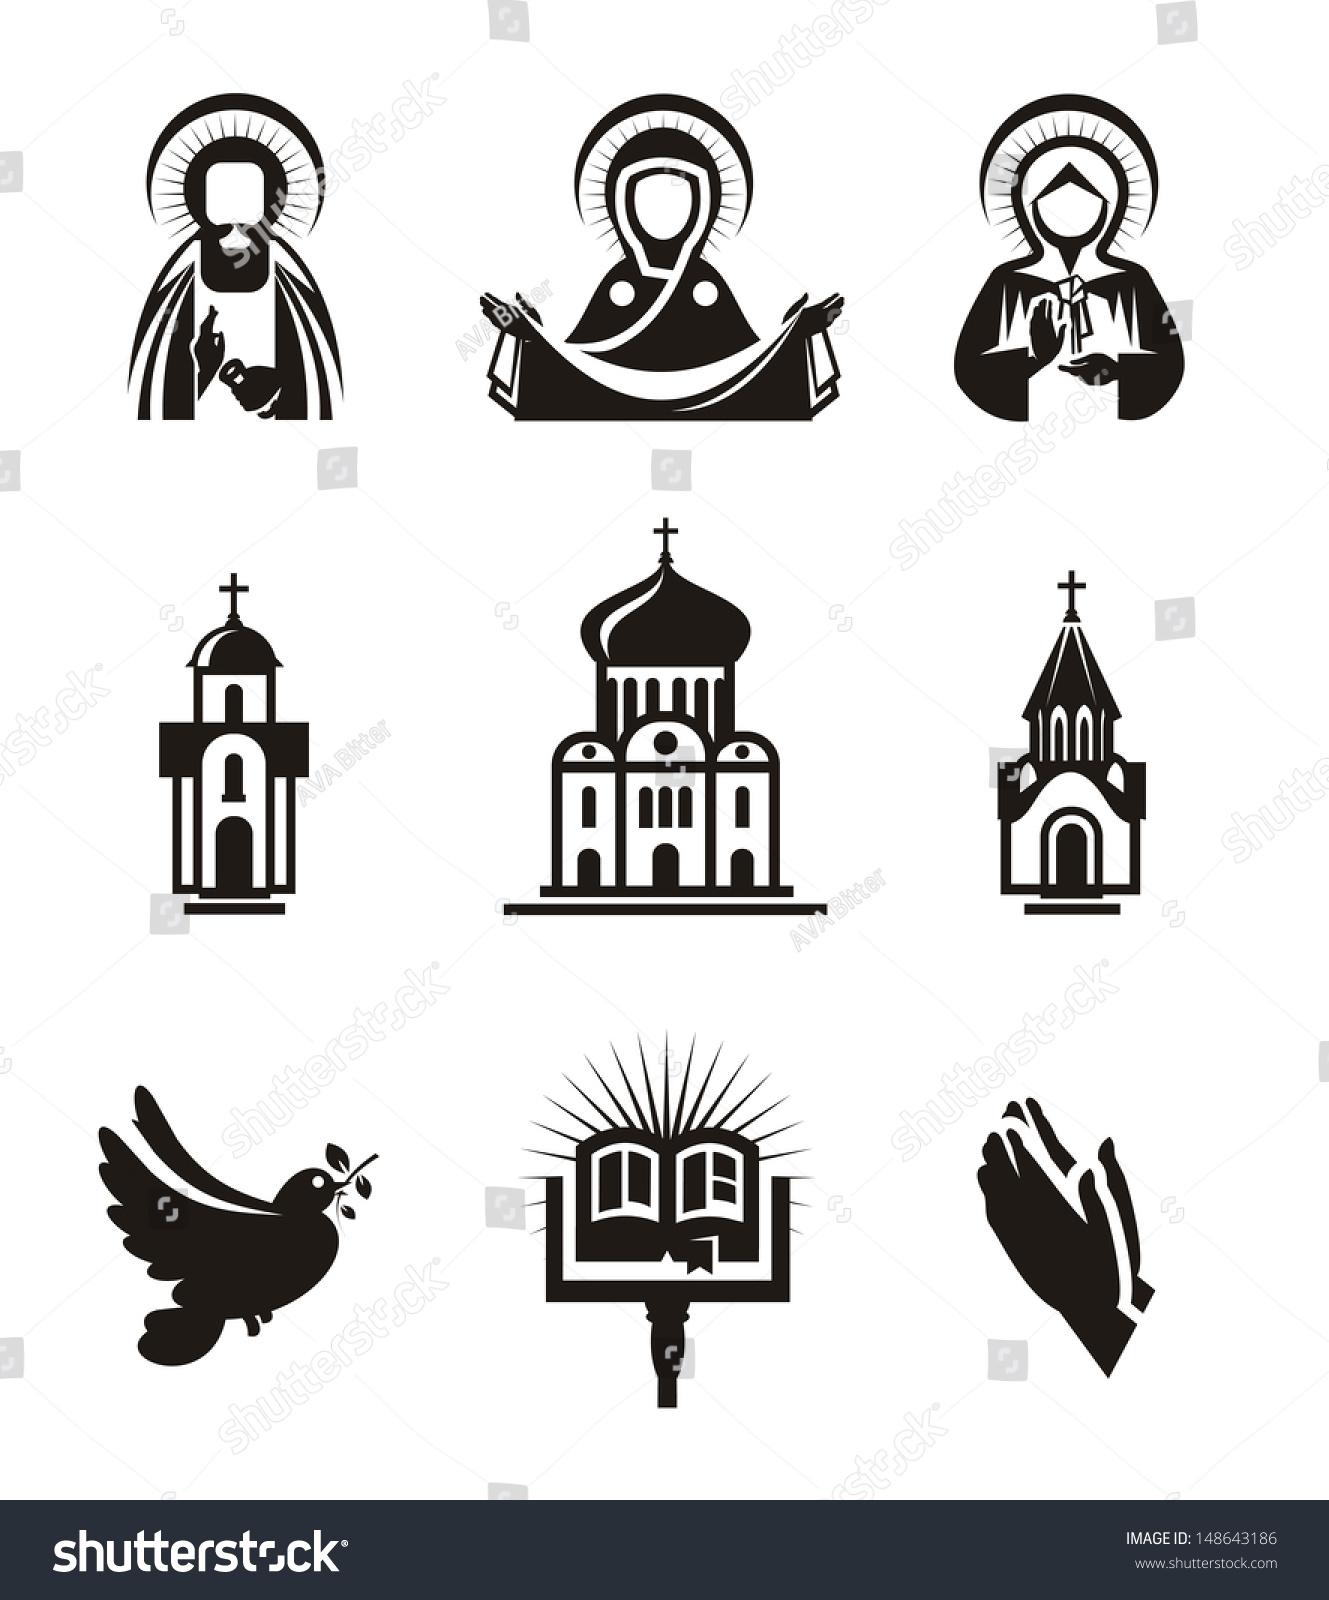 宗教图标-建筑物/地标